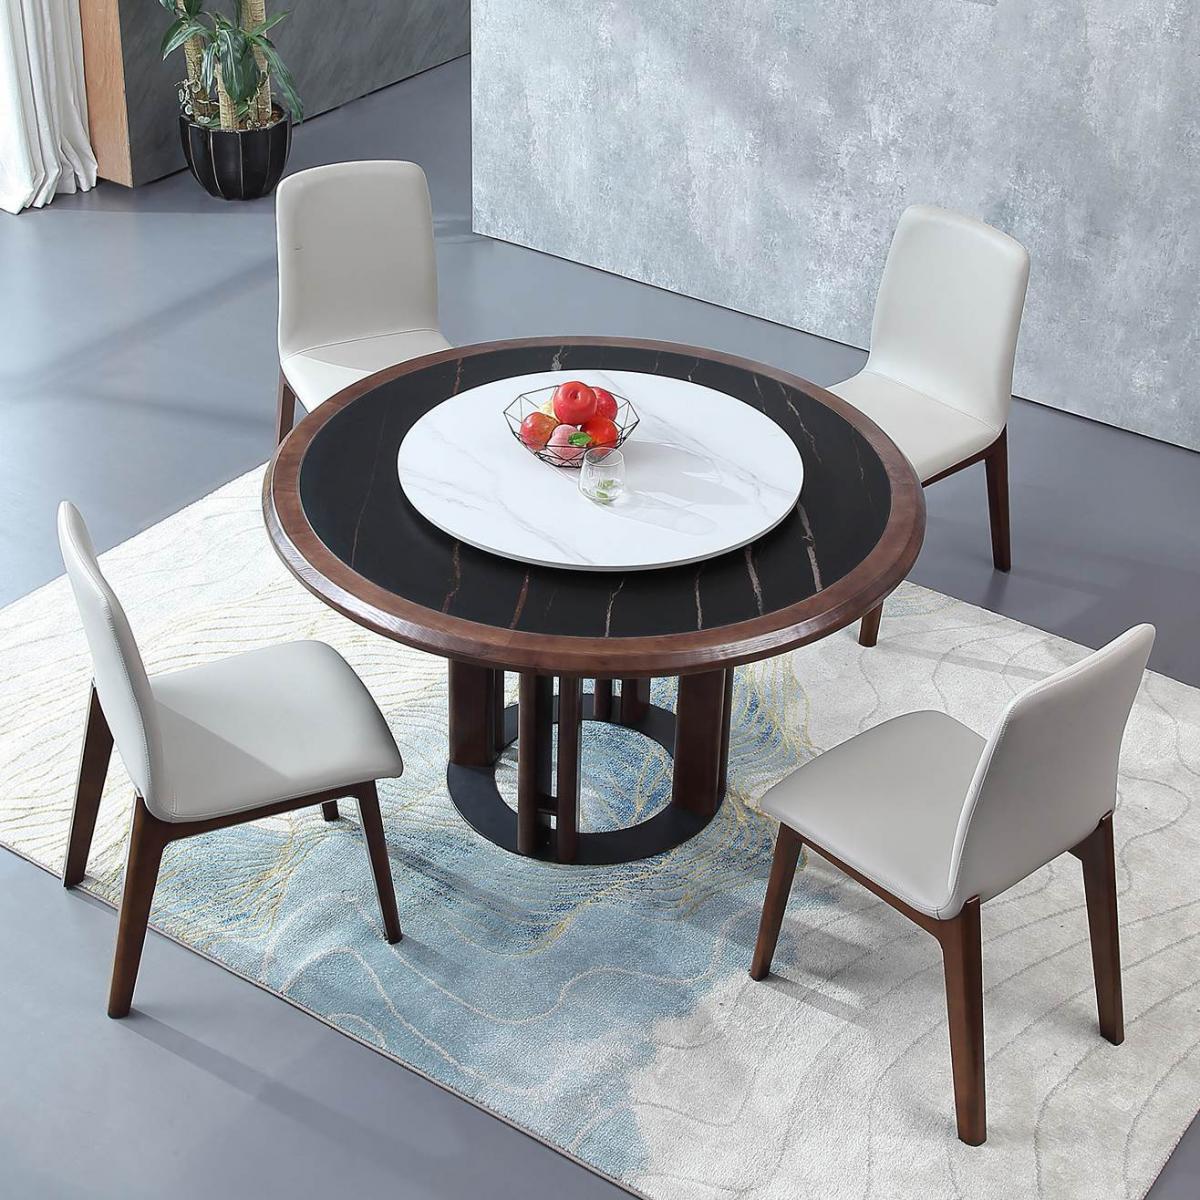 进口岩板圆形餐桌大理石圆桌带转盘家用北欧黑胡桃木色餐桌椅组合